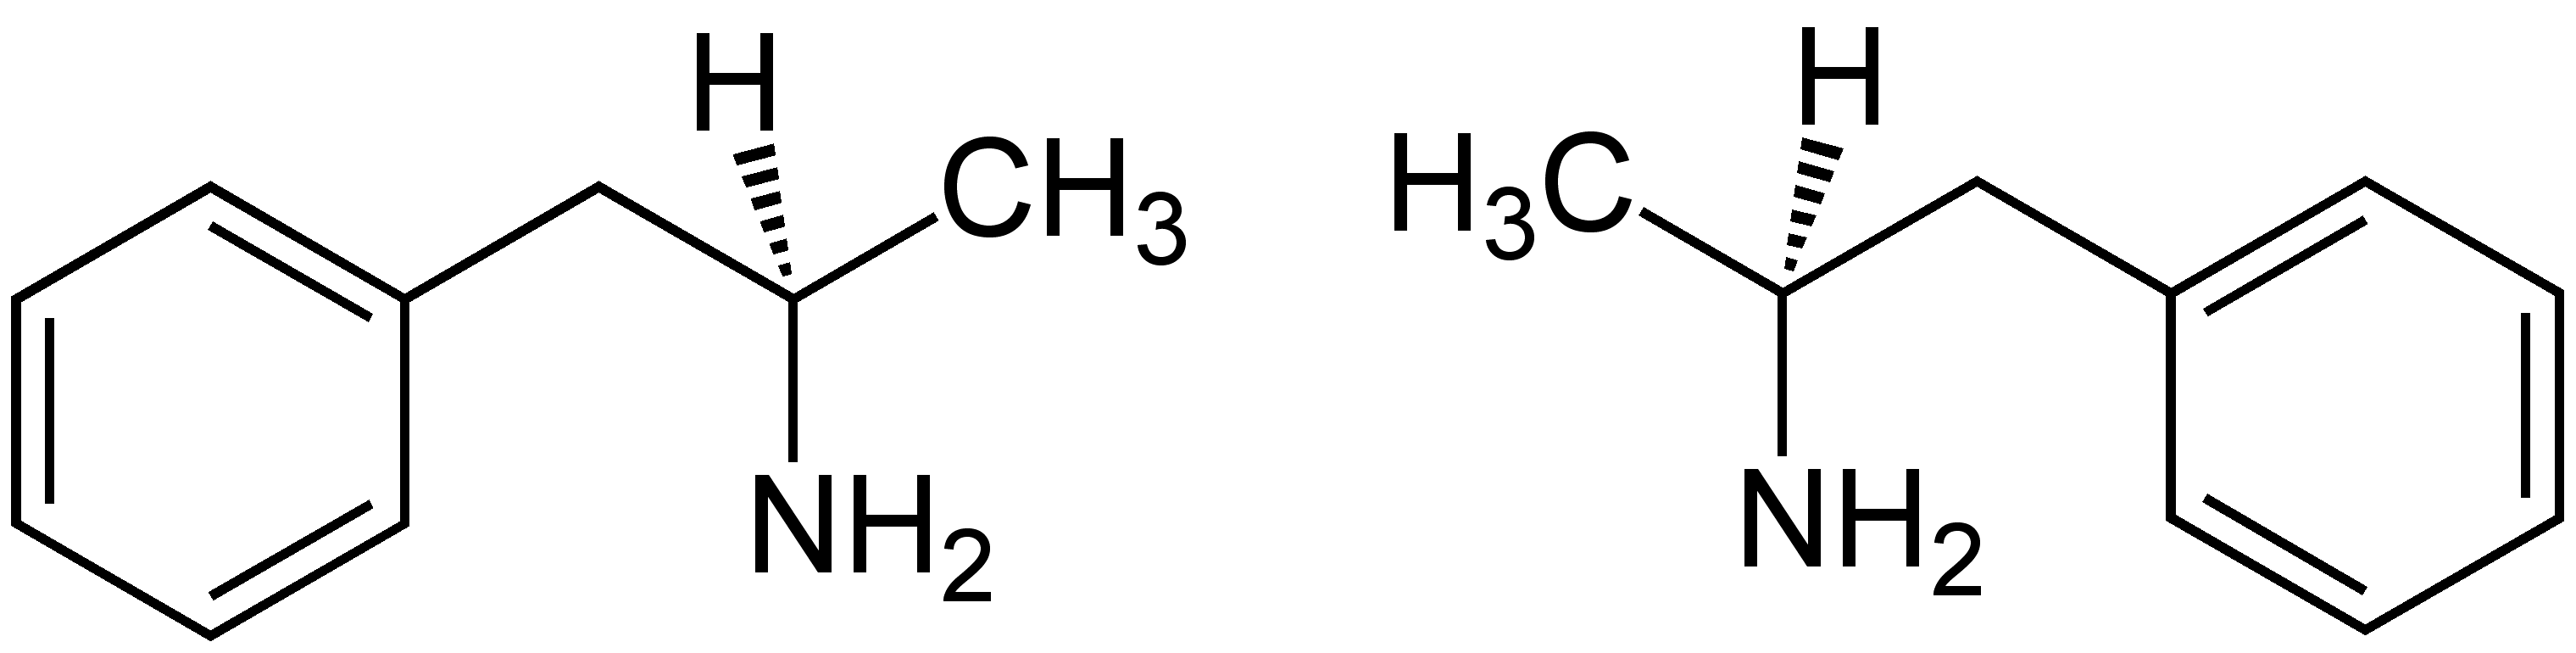 [Image: Amphetamine_Structural_Formulae.png]